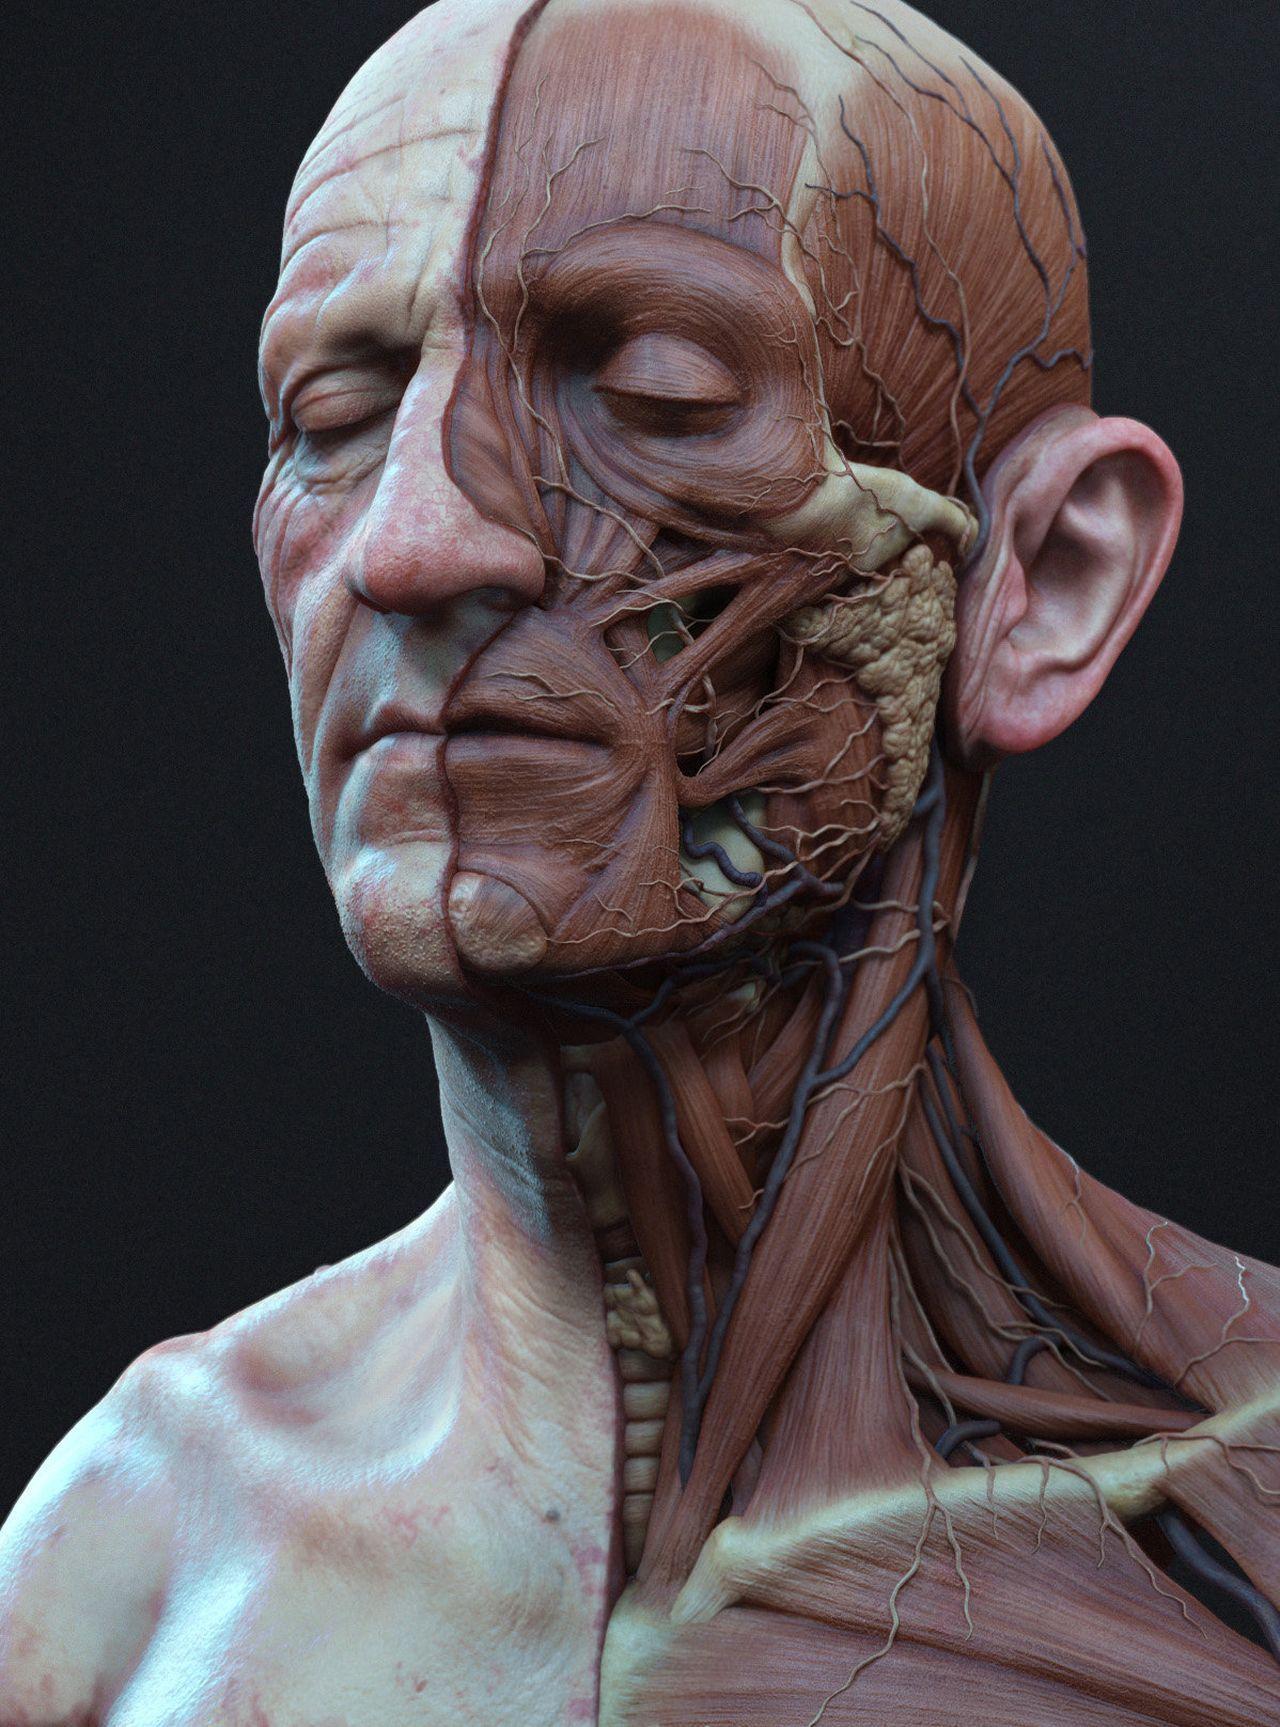 Character Art By Adam Skutt